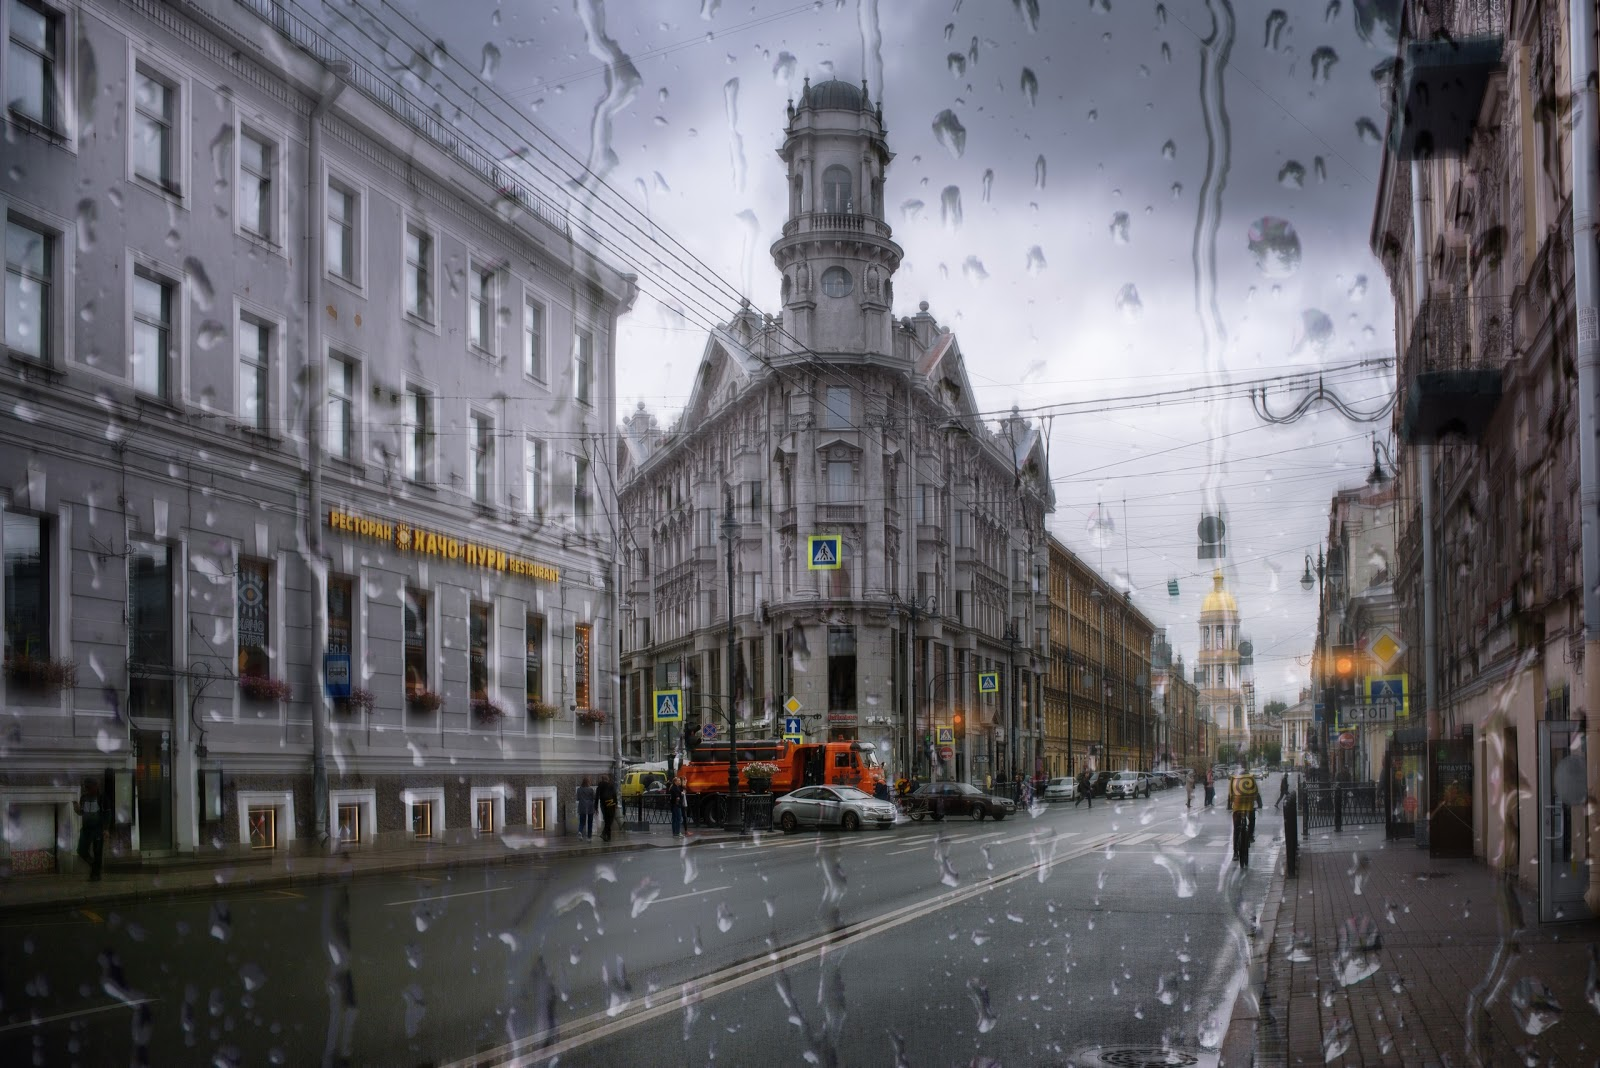 Фотографии Санкт-Петербурга осенью